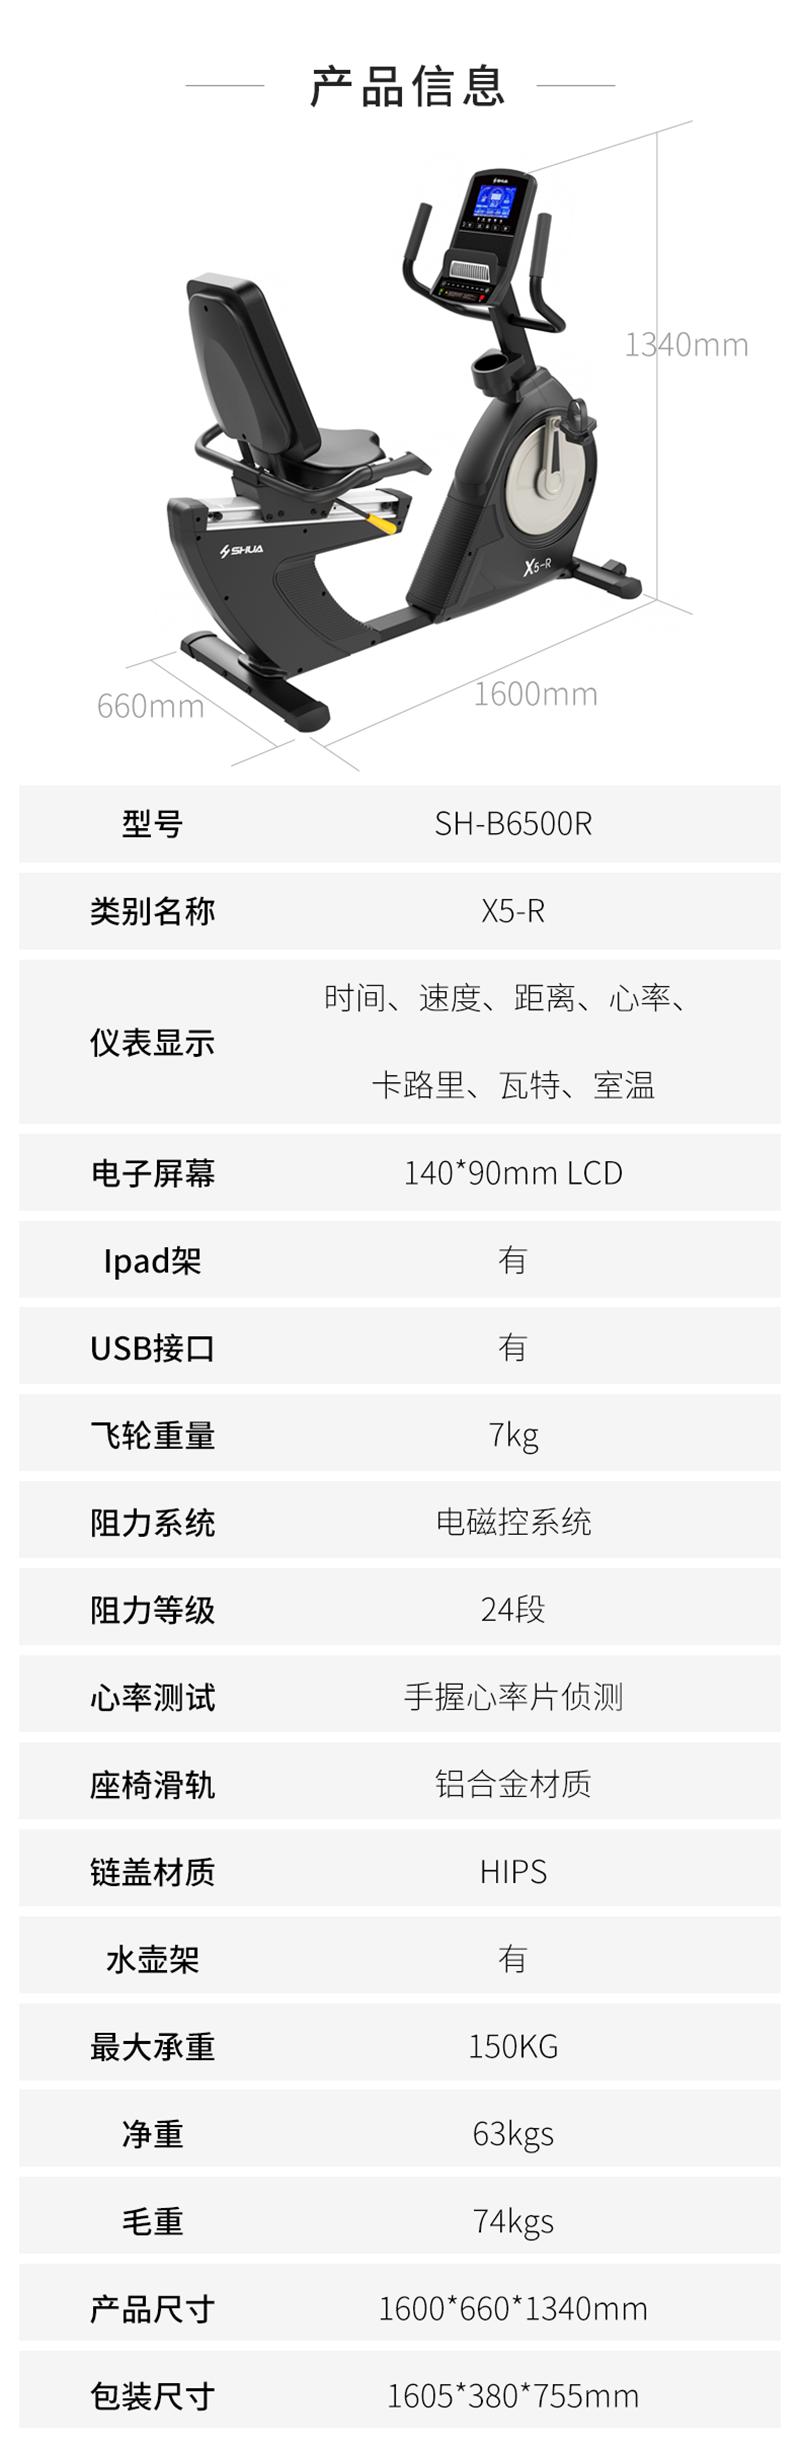 SH-B6500R产品信息.png